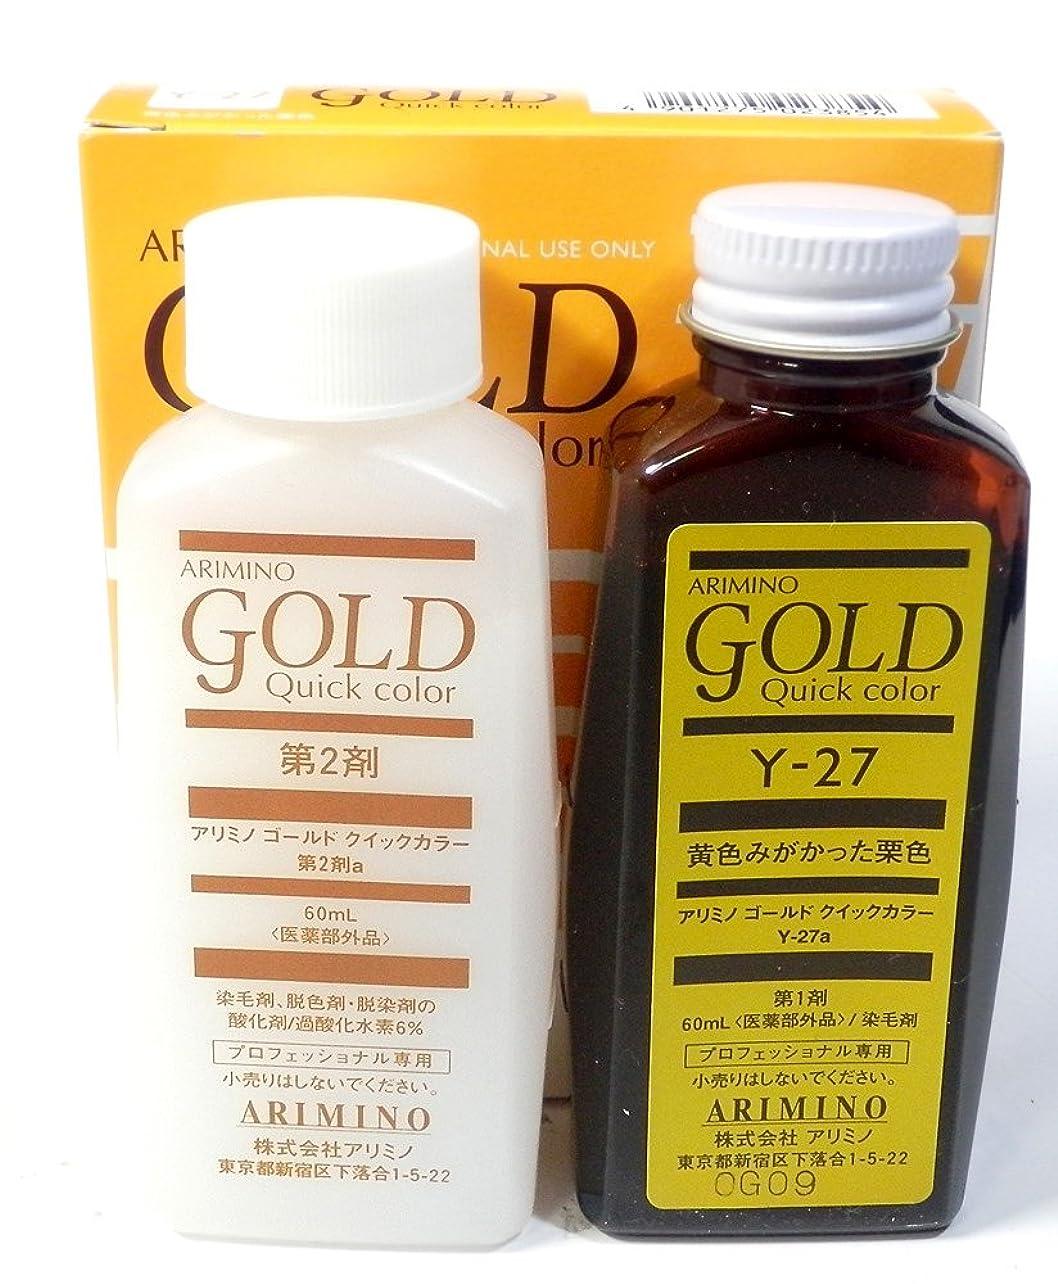 せがむ自発安西アリミノ ARIMINO ゴールド クイックカラー Y-27 白髪染め 新品 黄色みがかった栗色